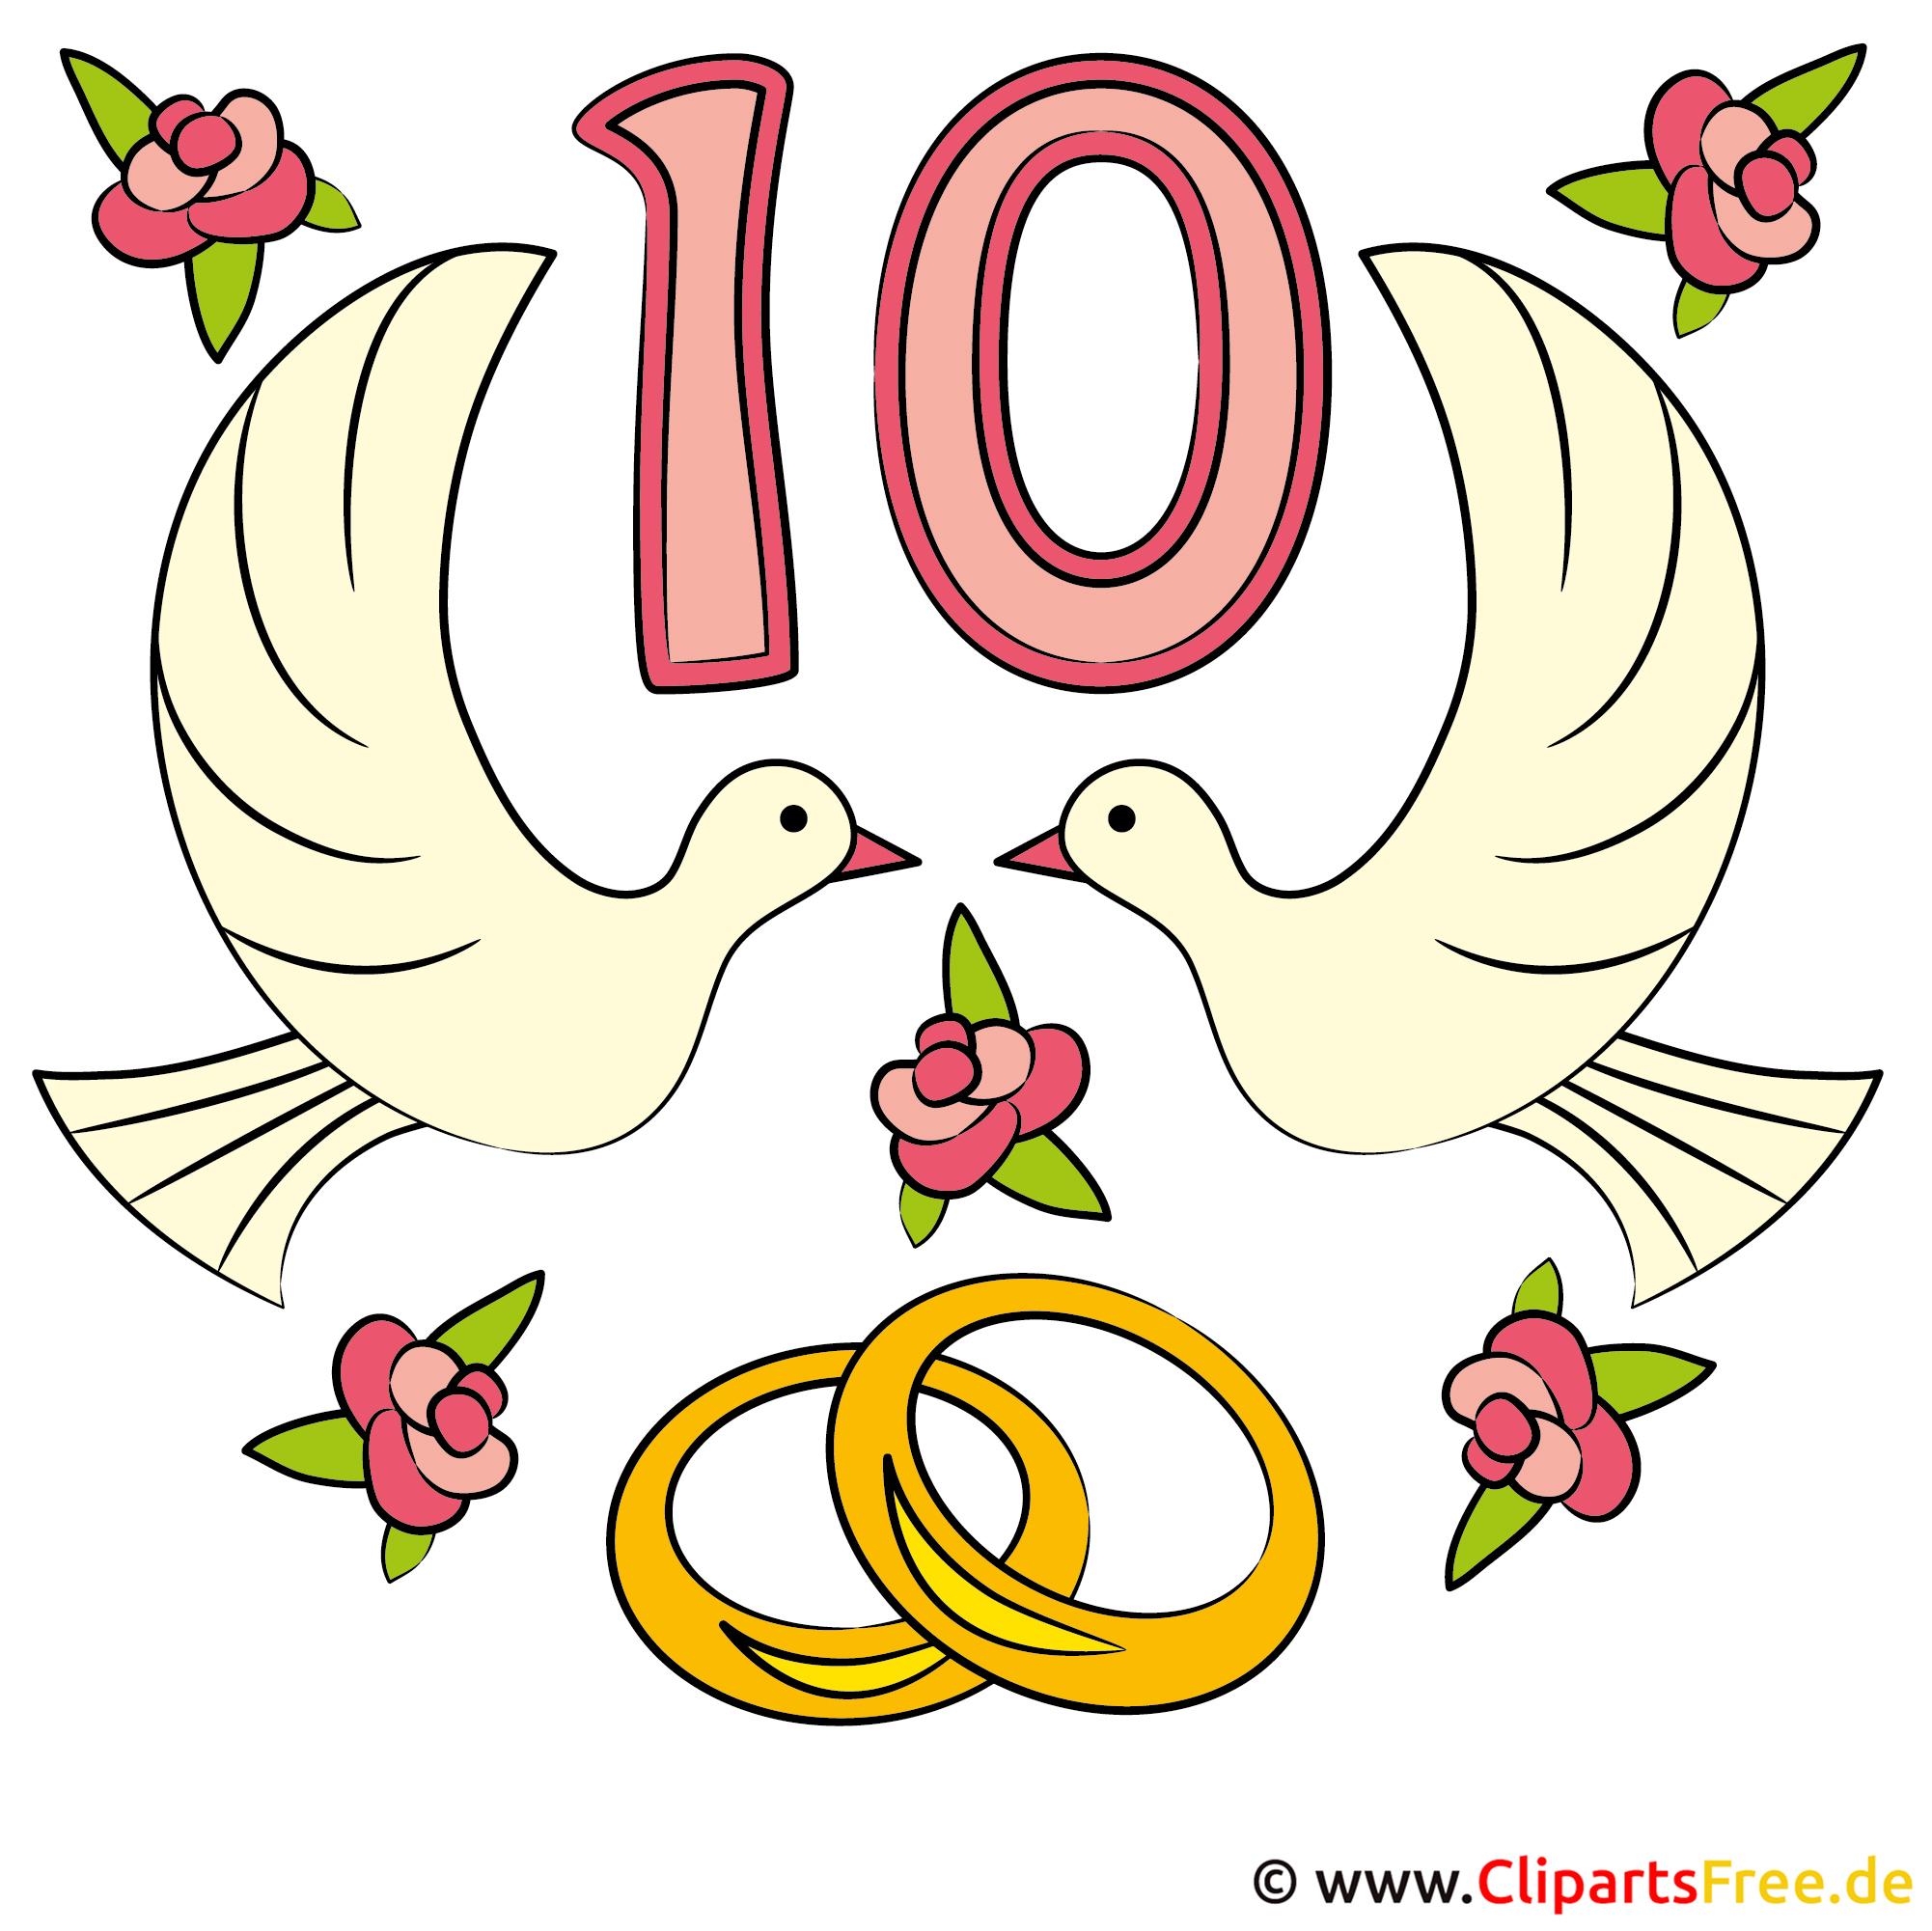 einladung zur rosen-hochzeit mit unseren cliparts selbst gestalten, Einladungen